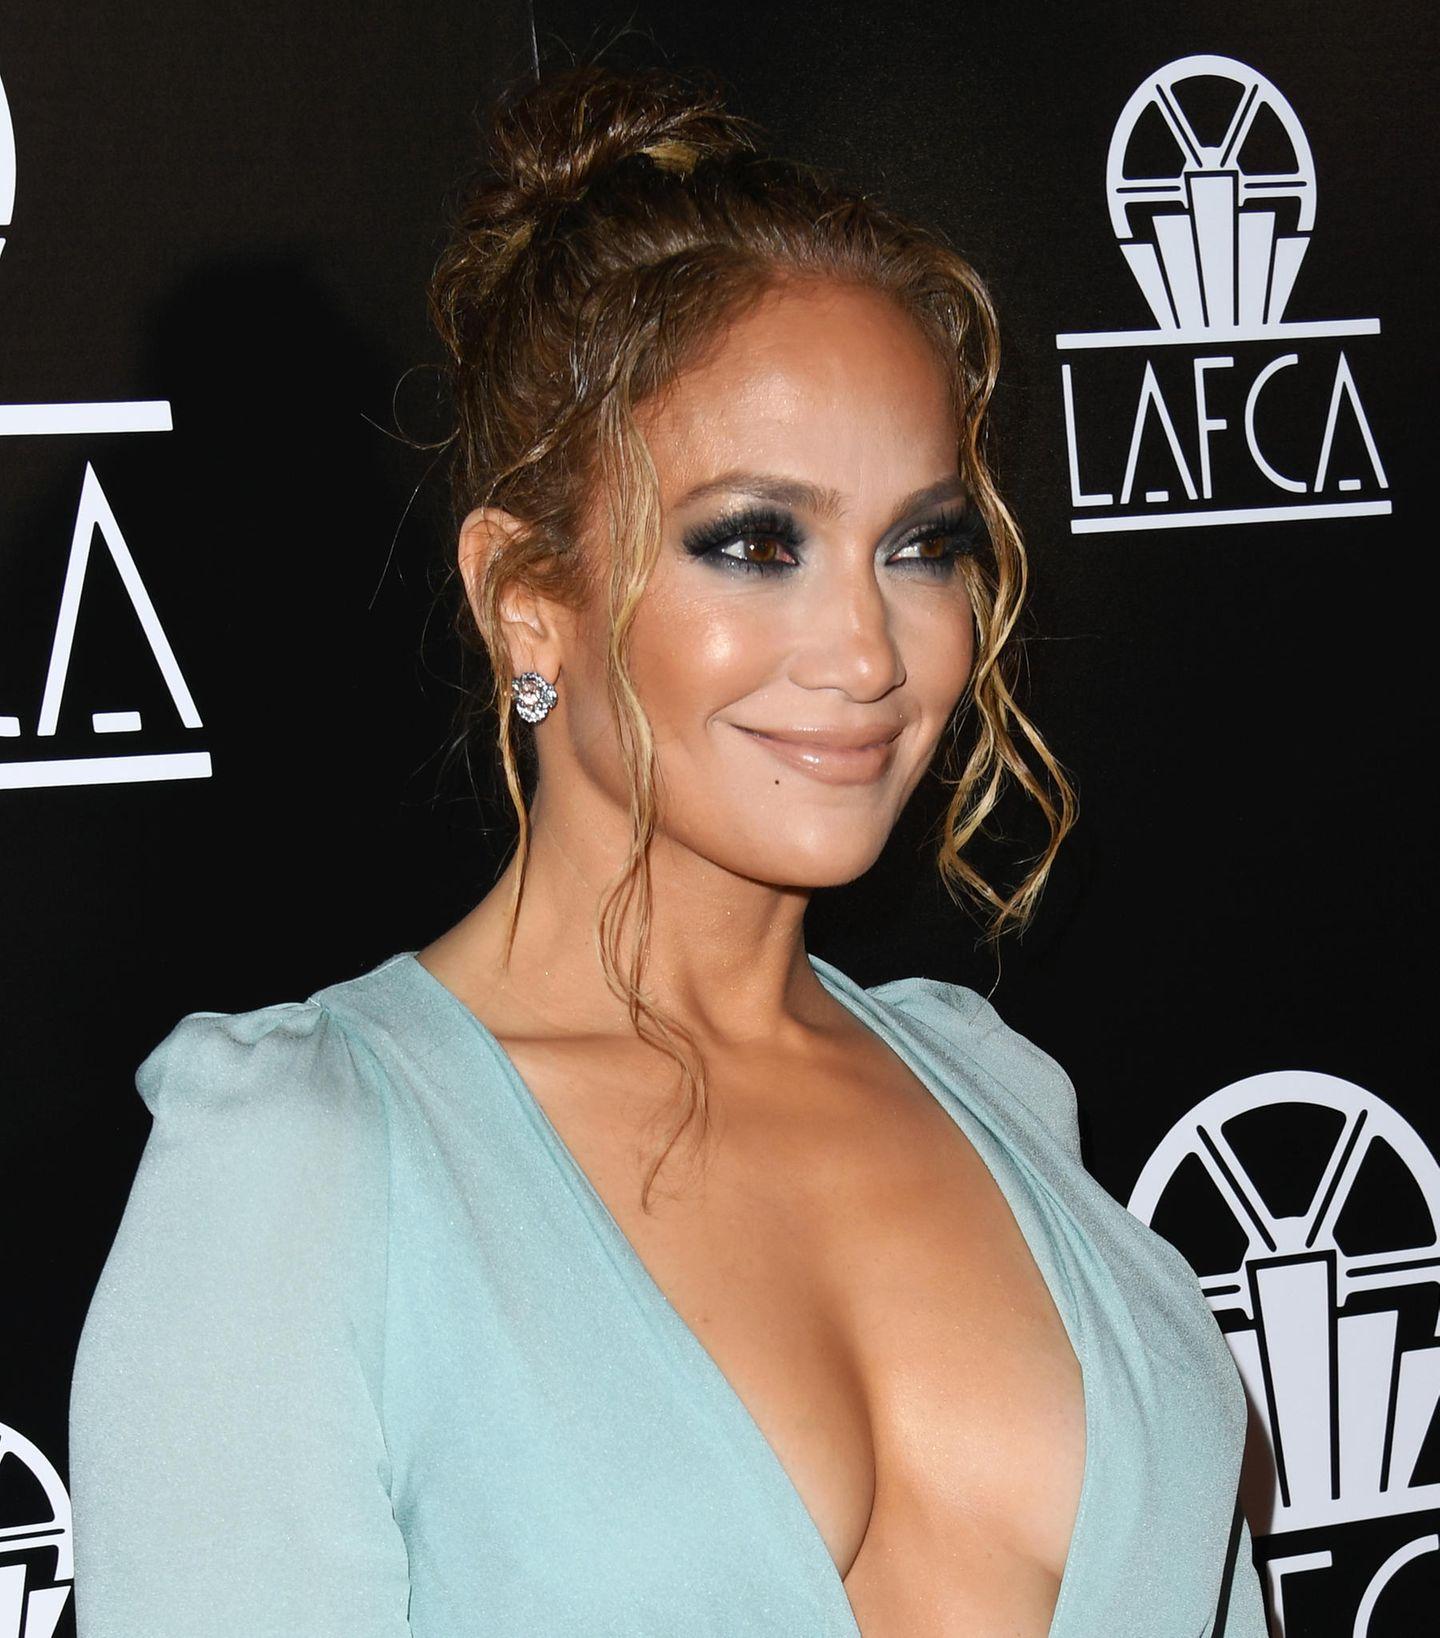 Frisuren, die jünger machen: Jennifer Lopez